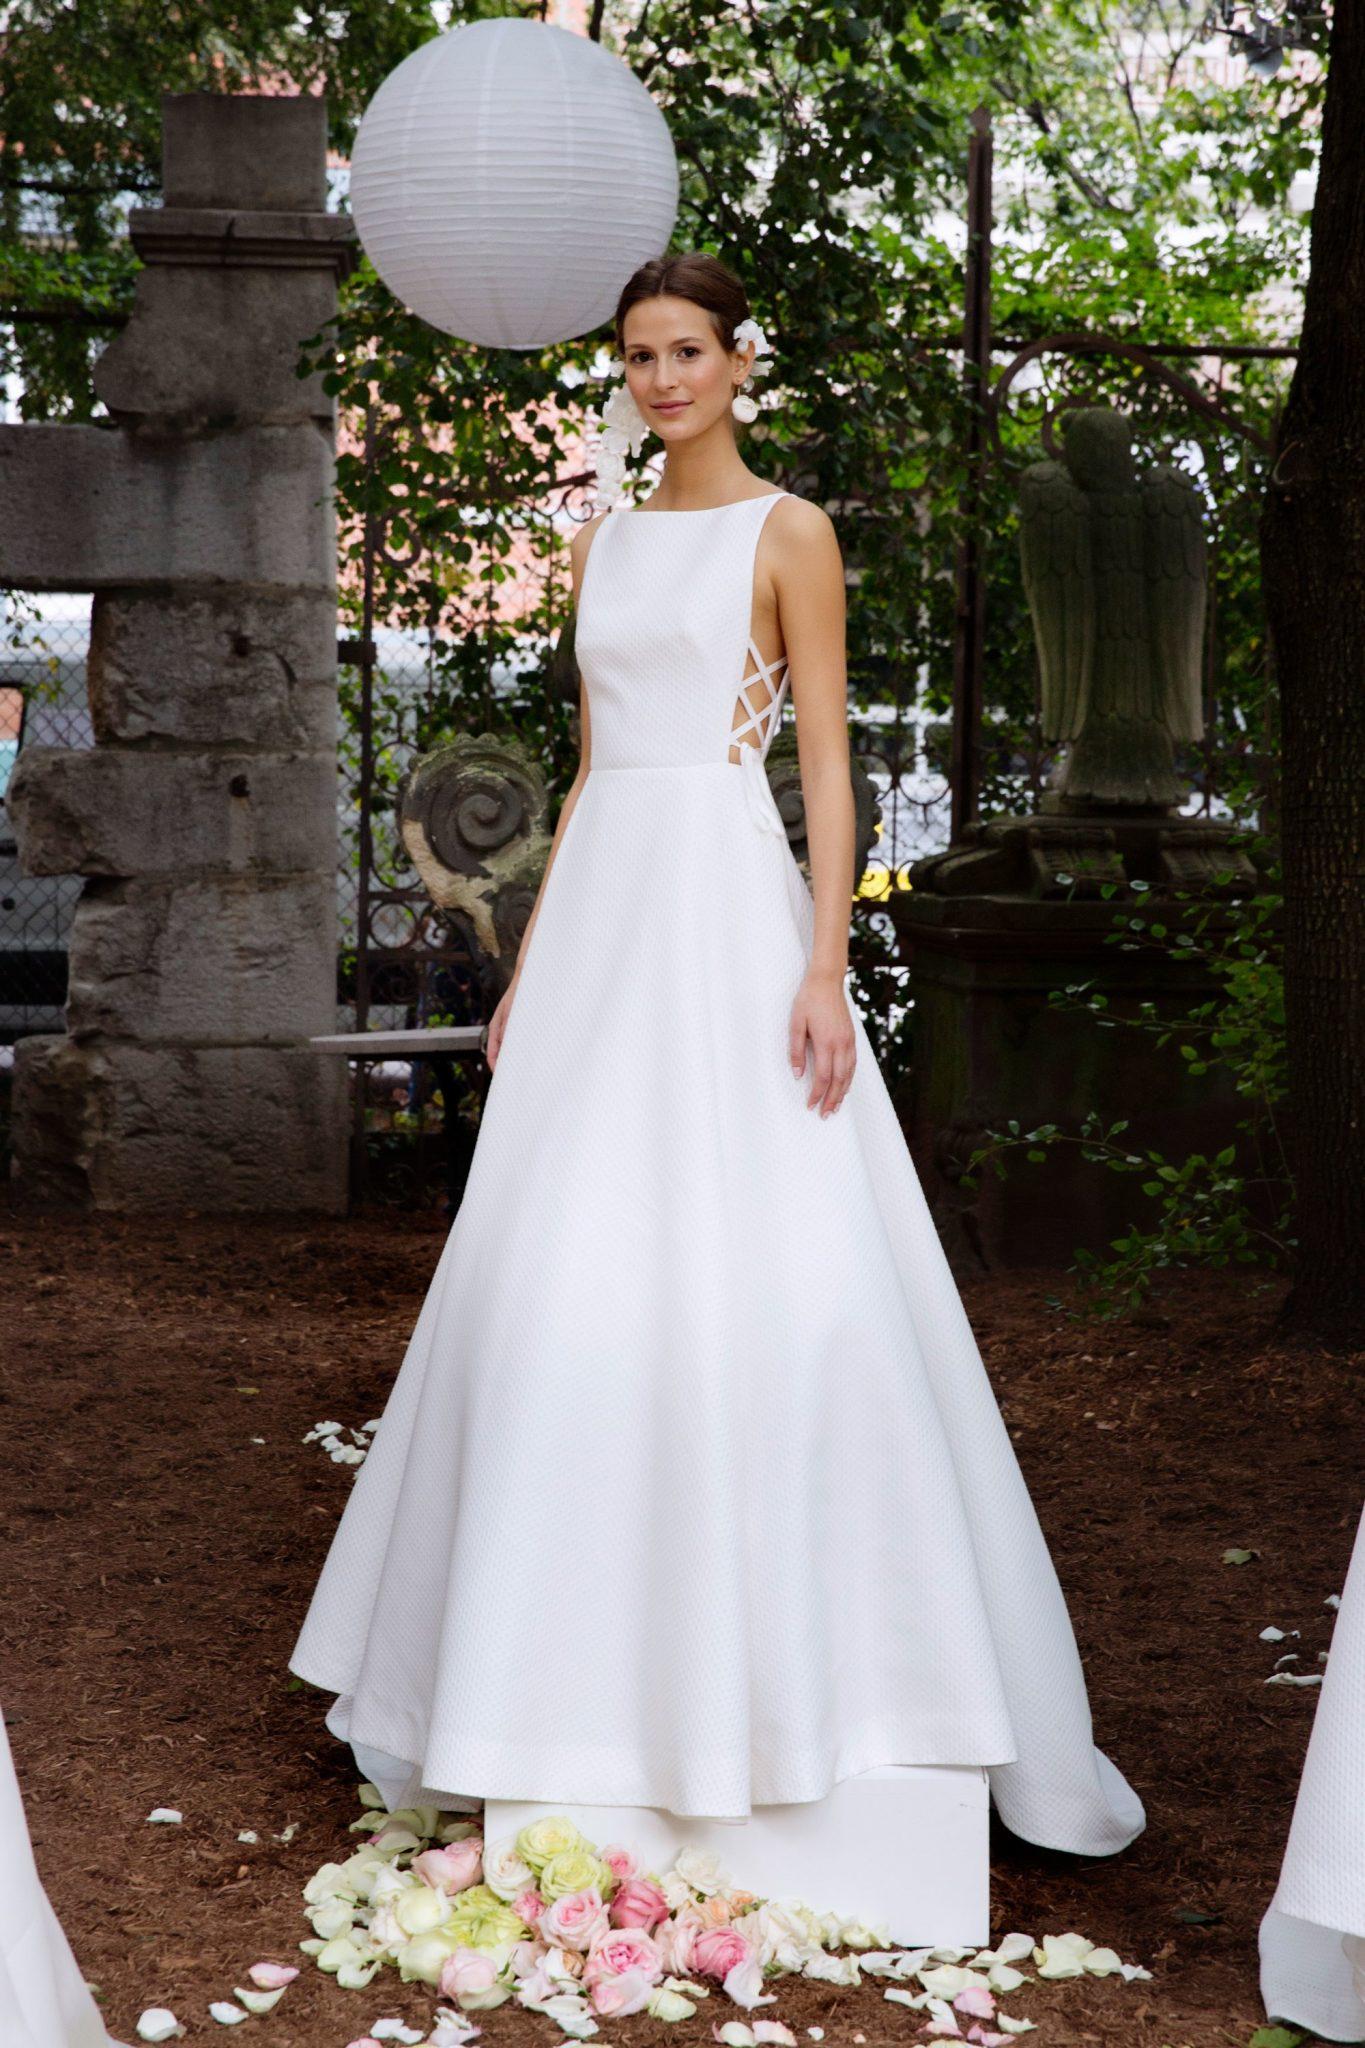 Bridal Fashion Week Fall 2018 High Neckline Wedding Dress | www.thestyledbride.com